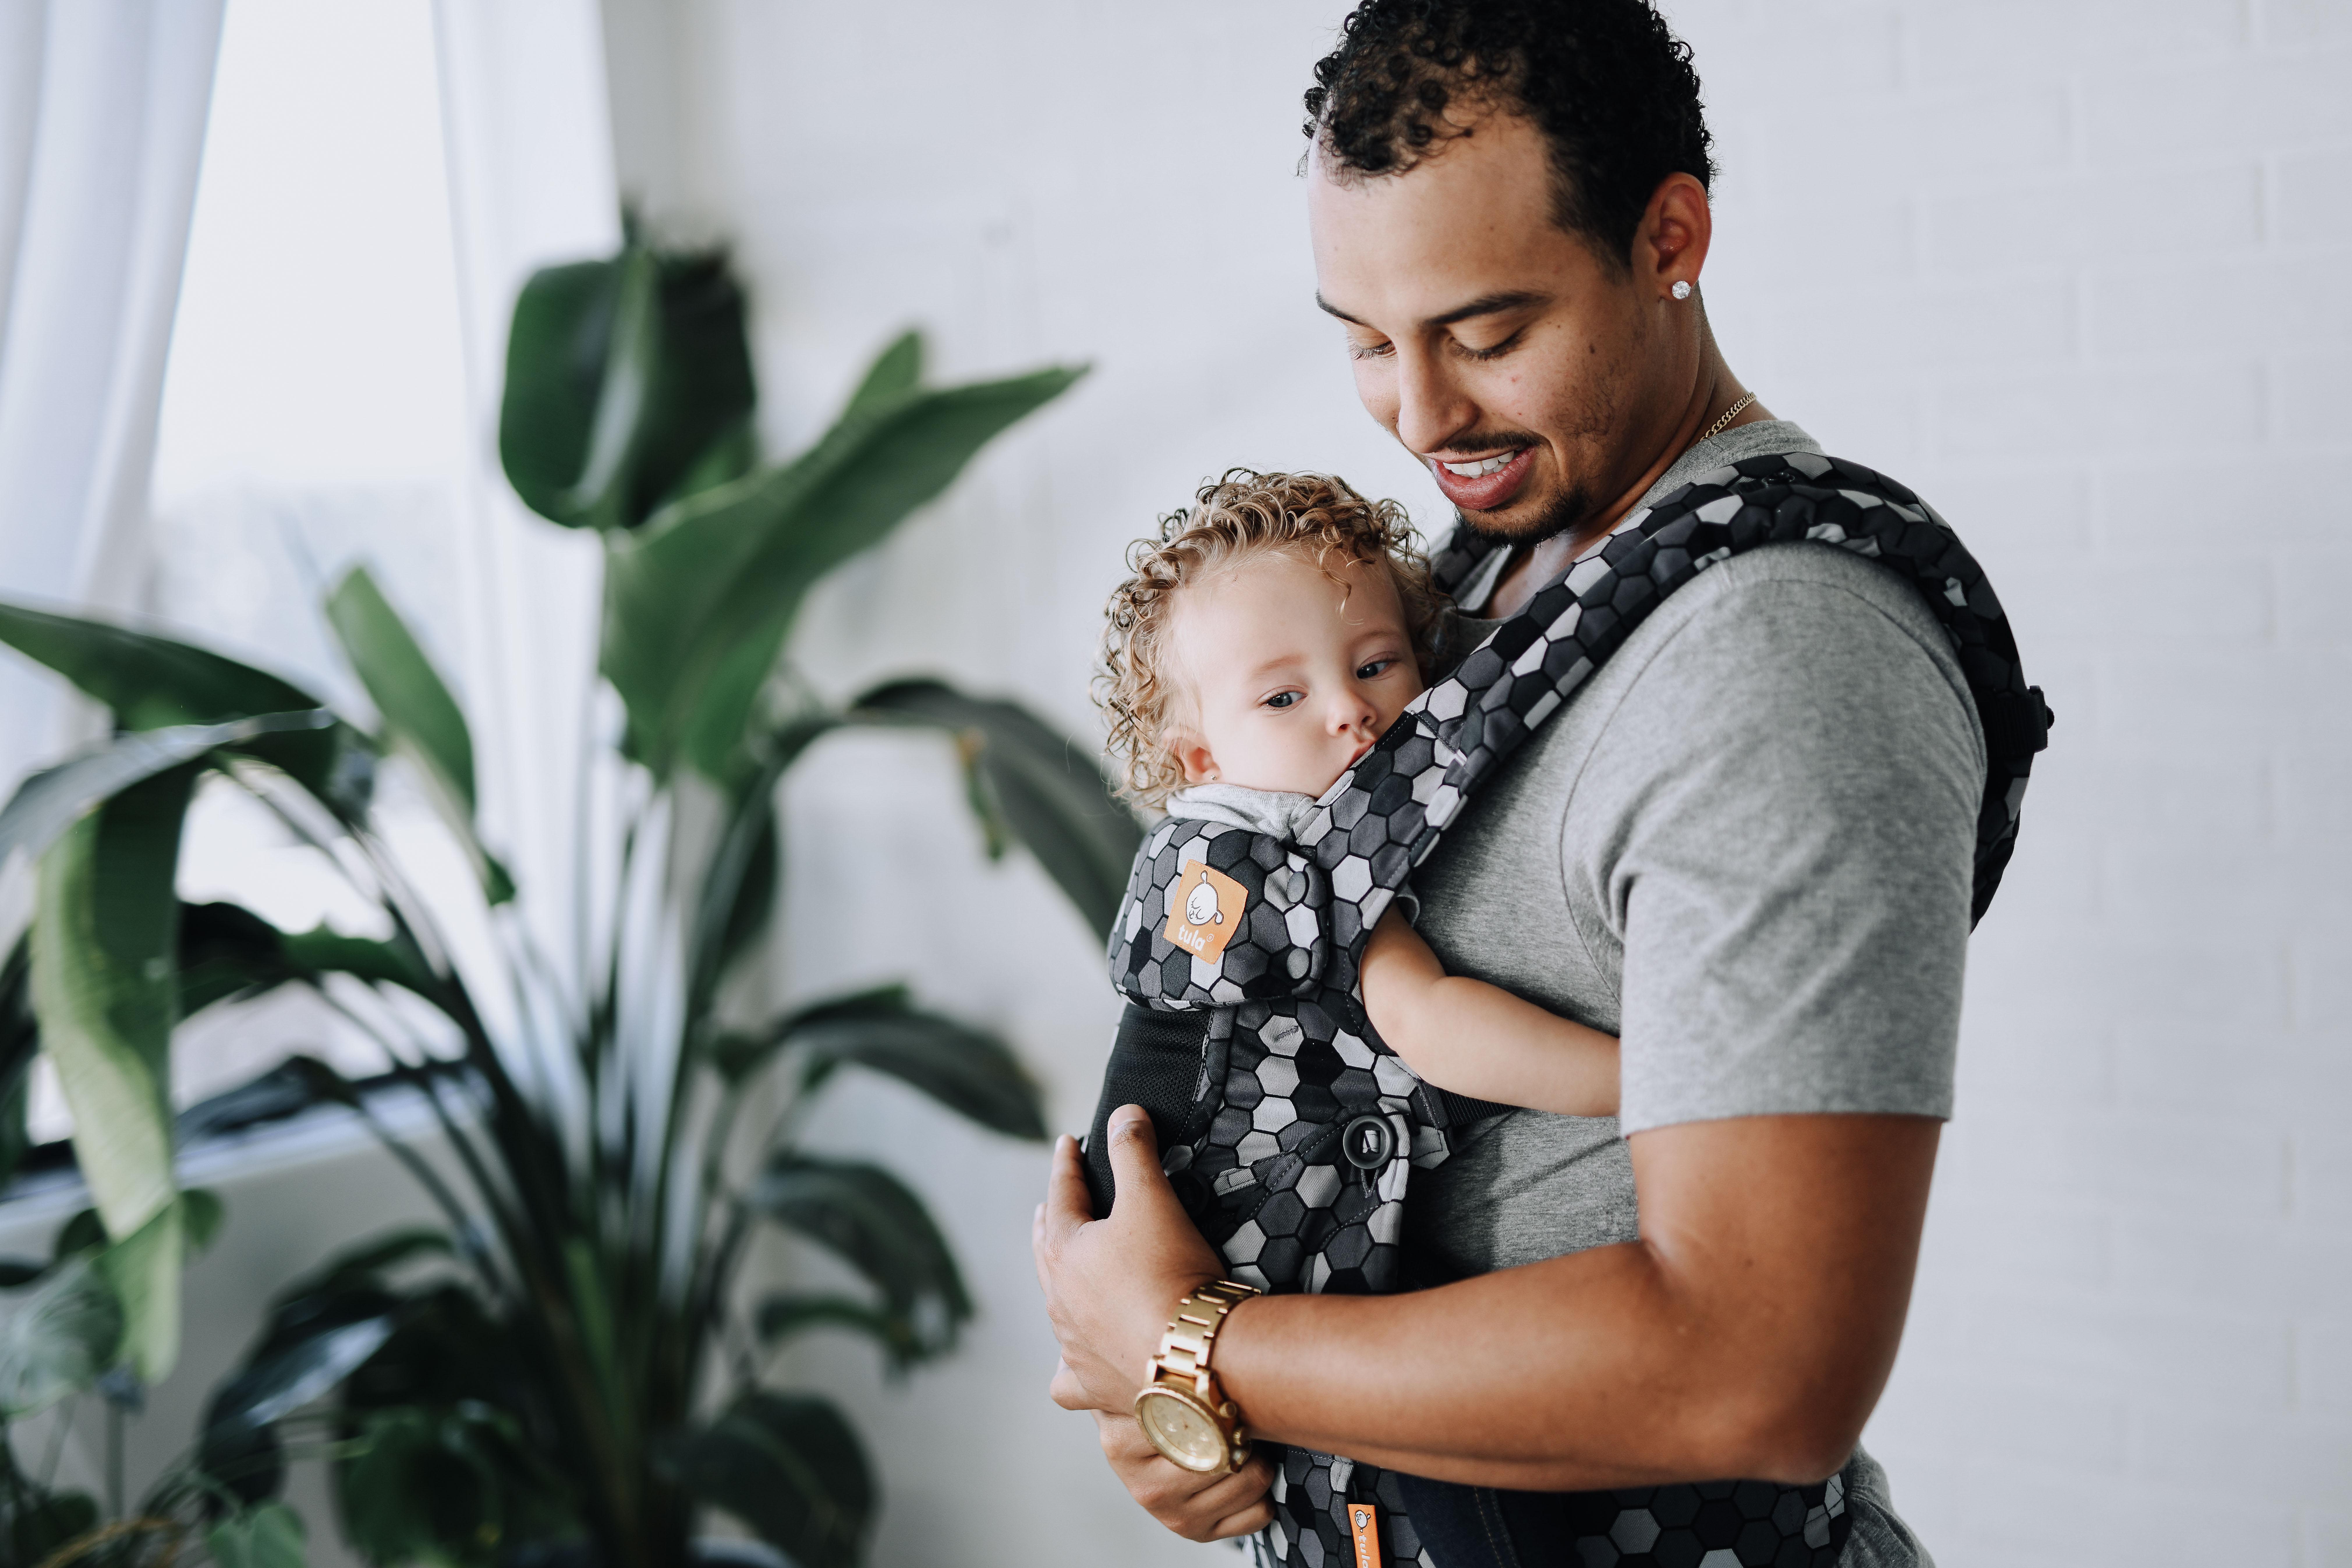 tula-baby-coast-explorer-baby-carrier-buzz-dad